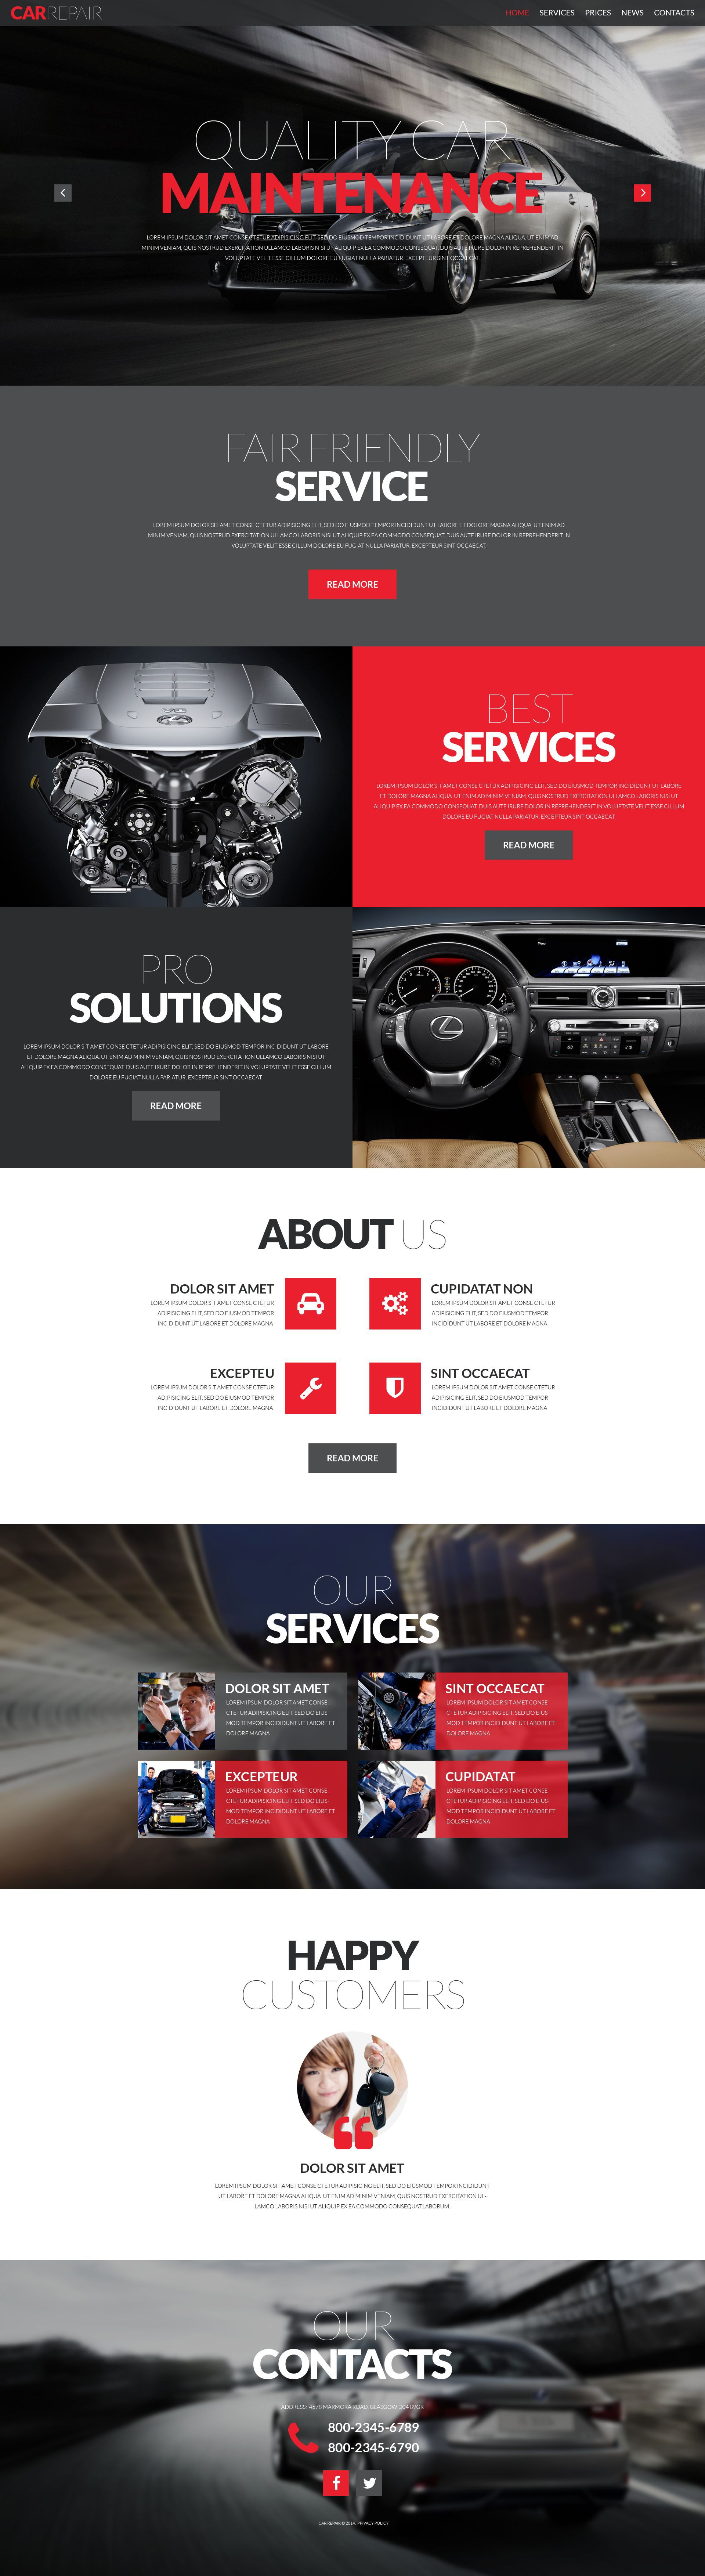 Car Repair Responsive Html Template Web Layout Design Website Design Website Design Inspiration